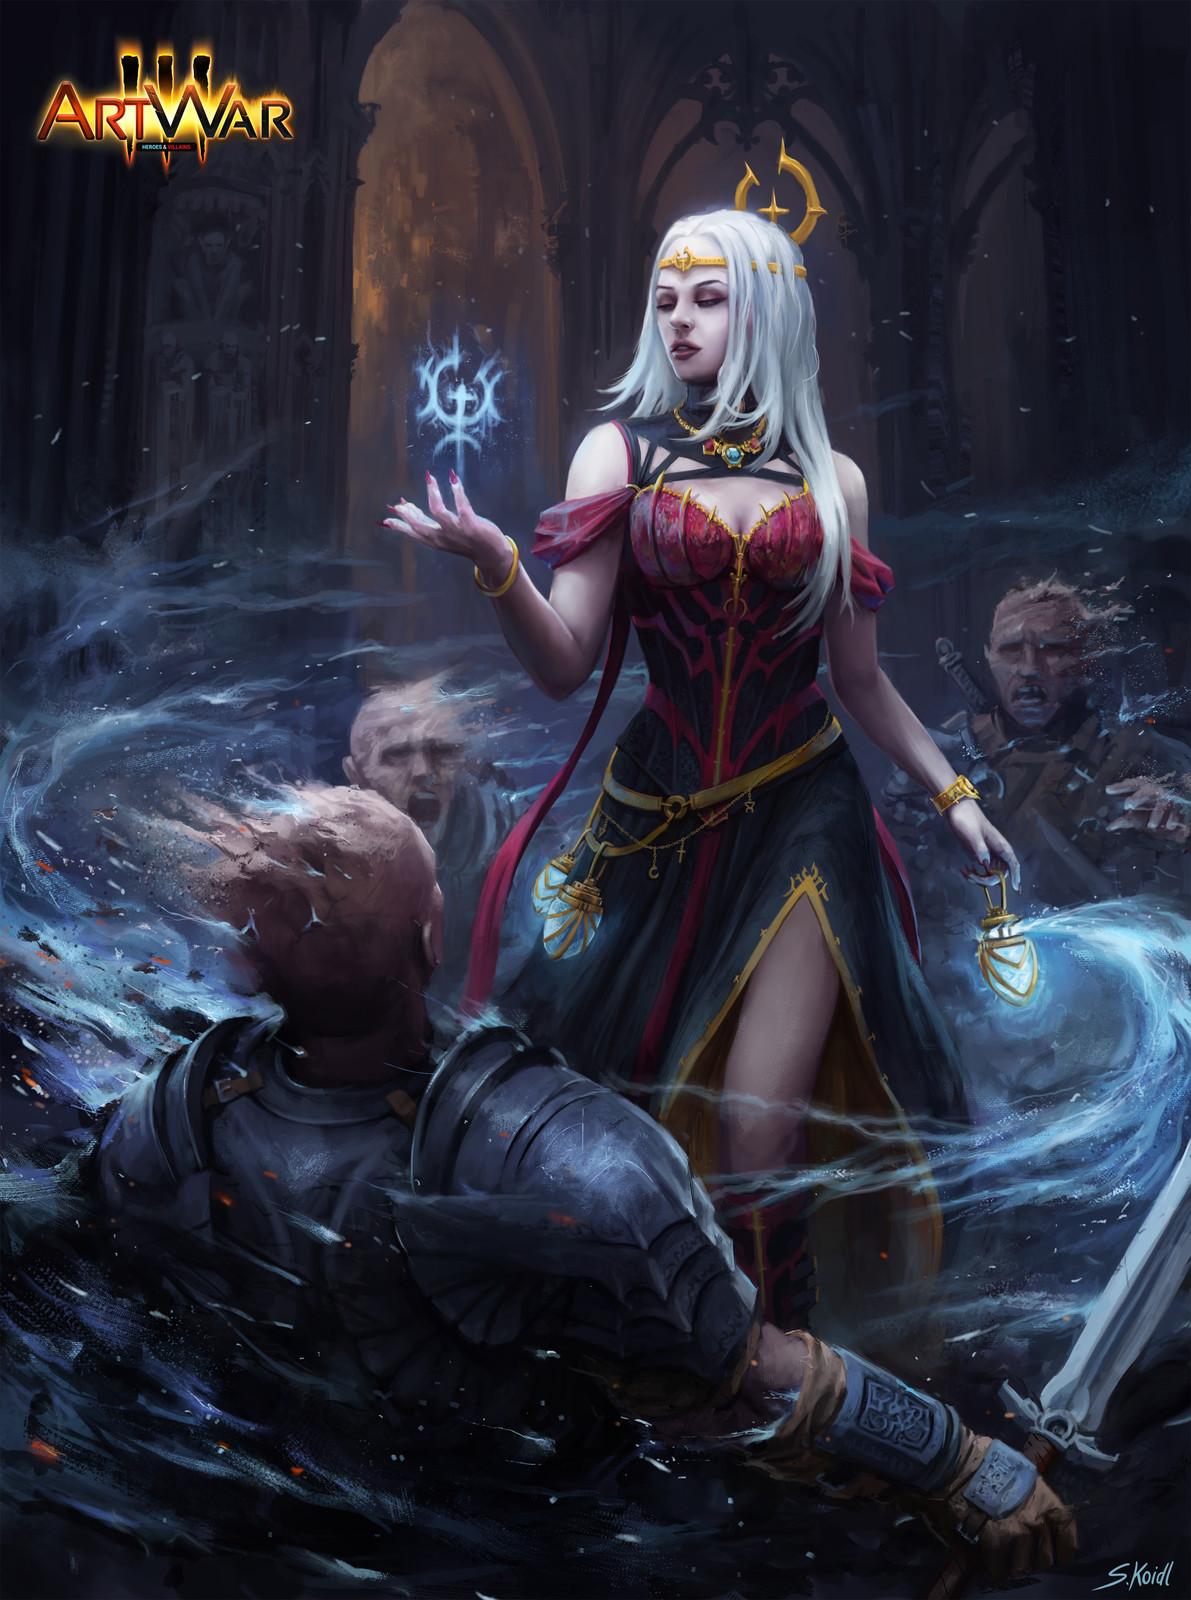 ArtWar 3 - Villains - Lucia Nox Final Illustration